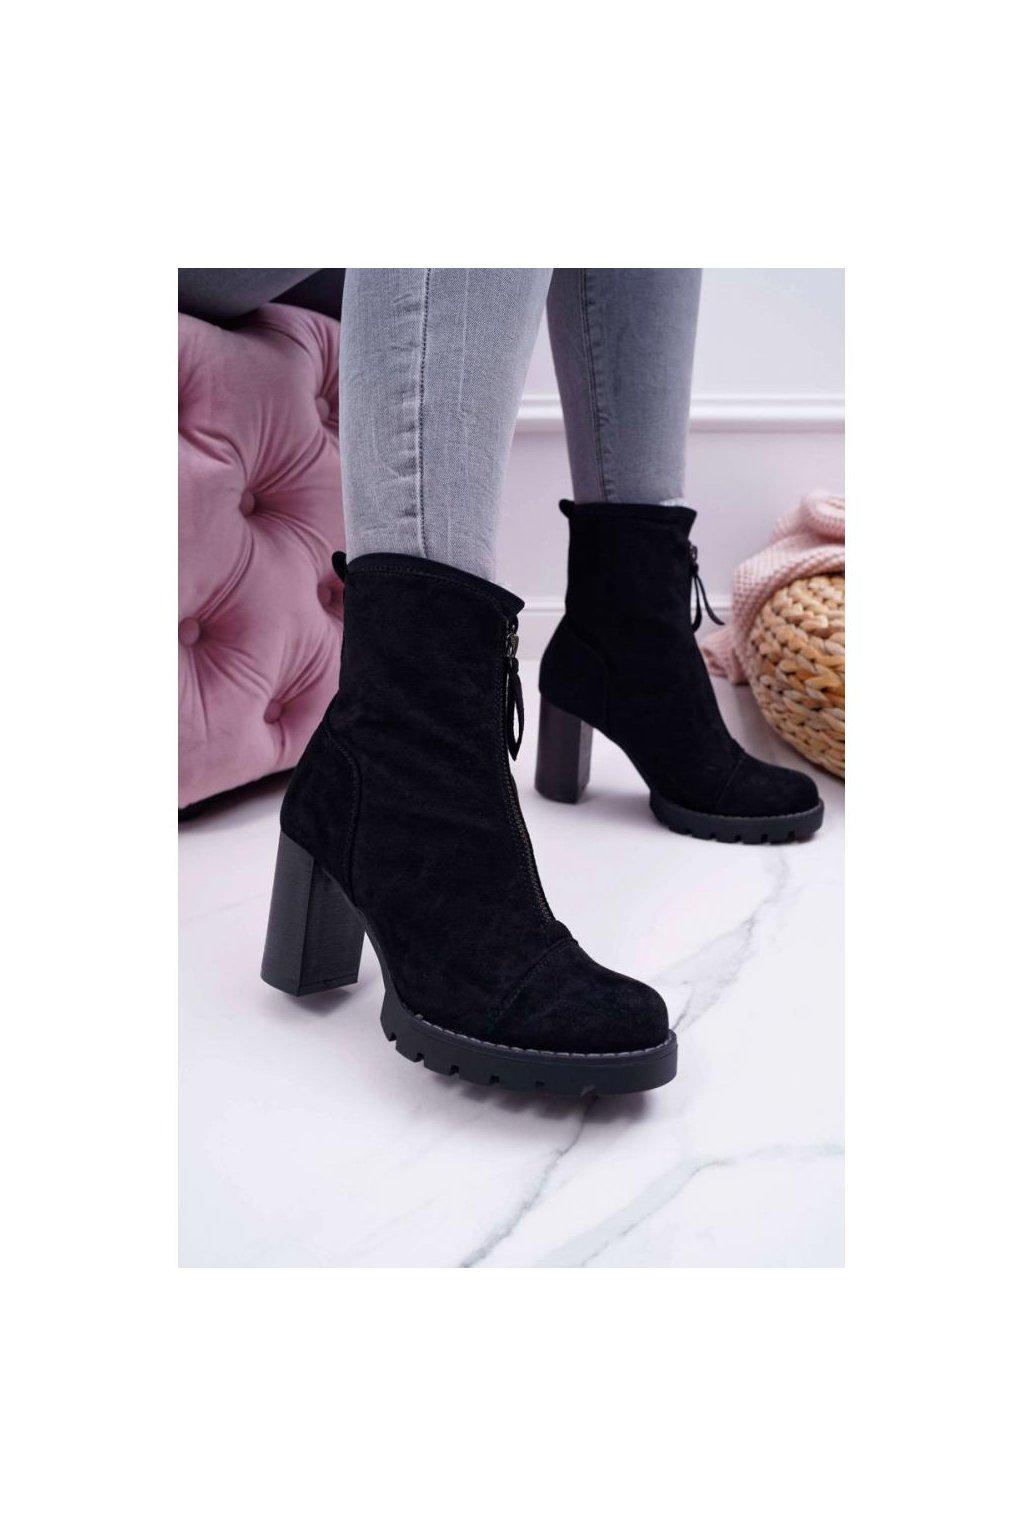 cierne semisove cizmy na stabilnom podpaetku pre damy